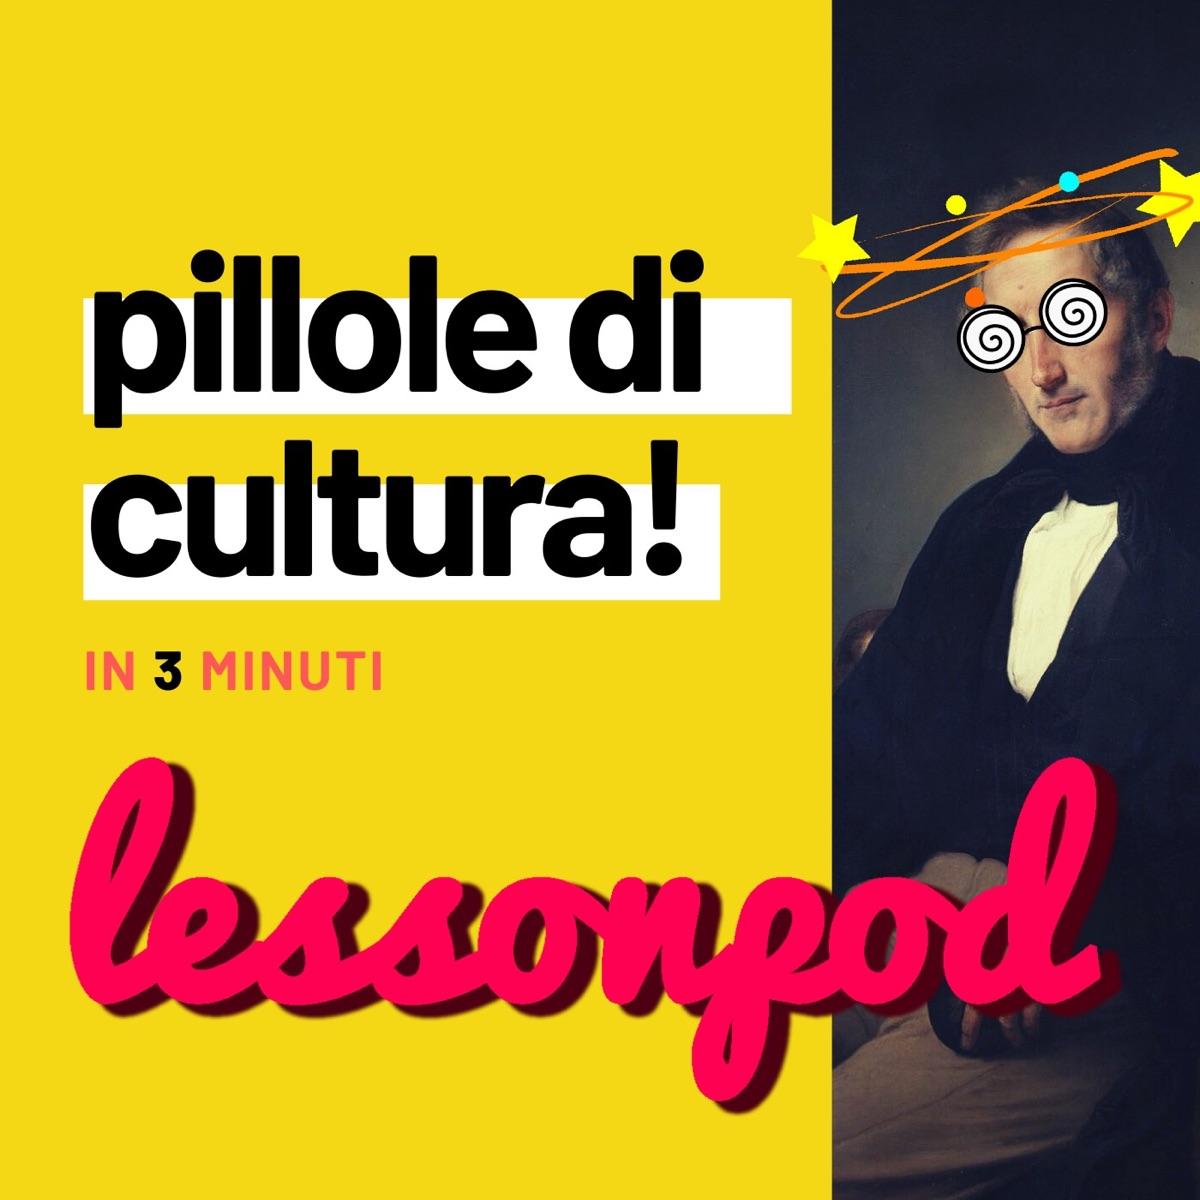 LessonPod: pillole di cultura!